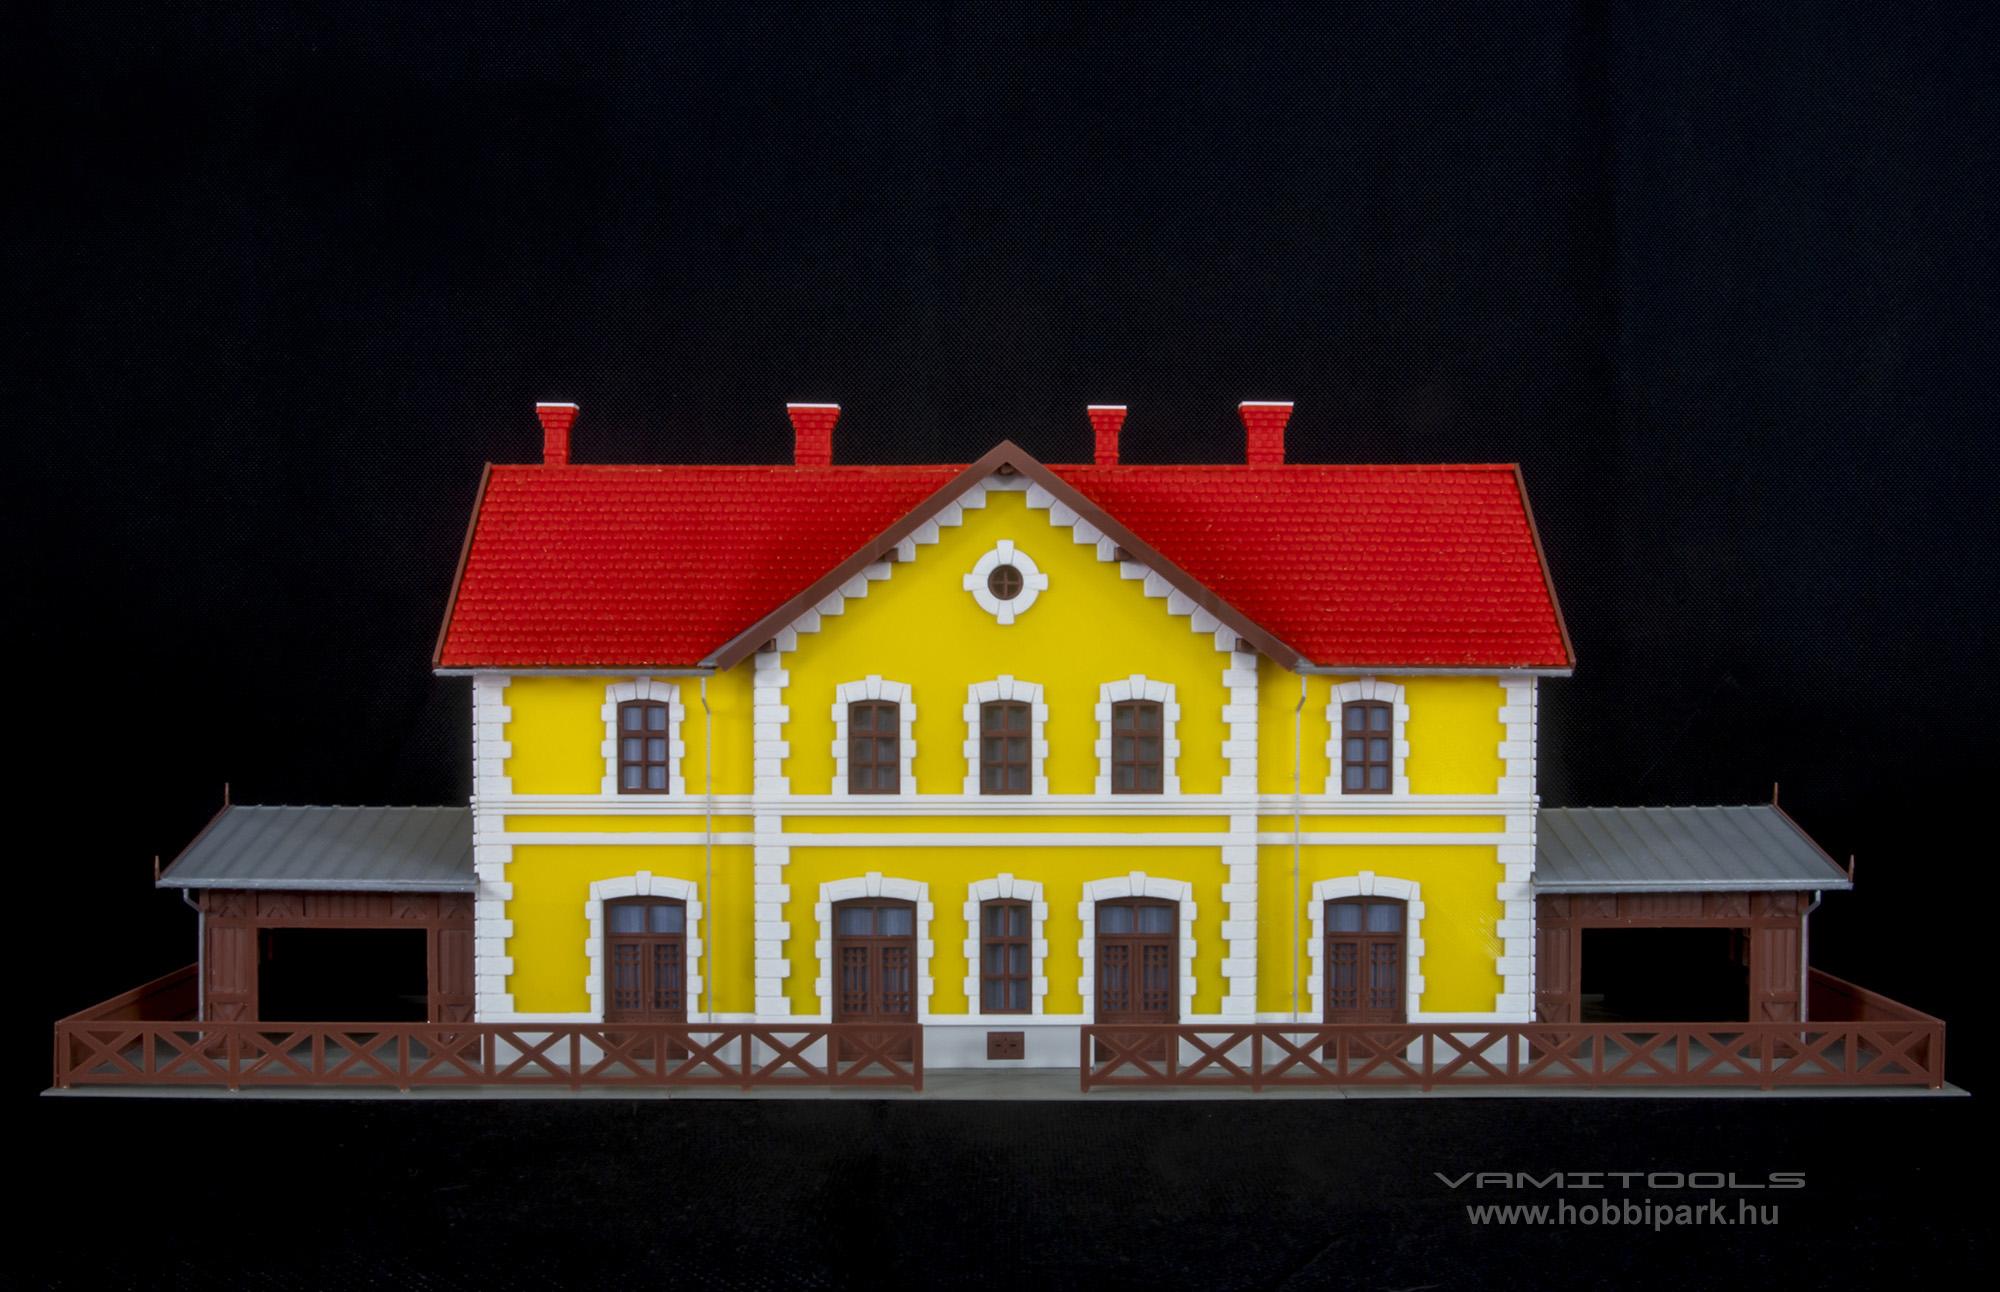 épület, vasútállomás, állomás, állomásépület, modellvasút, vasút, MÁV épület, MÁV vasútállomás, MÁV vasútállomás, MÁV modell állomás, MÁV állomásépület, Piliscsaba, Piliscsaba vasútállomás, Piliscsaba állomás, Piliscsaba épület, Piliscsaba ház, terepasztal, dioráma, H0 épület, H0 vasútállomás, H0 állomás, H0 állomásépület, H0 modellvasút, H0 vasút, H0 MÁV épület, H0 MÁV vasútállomás, H0 MÁV vasútállomás, H0 MÁV modell állomás, H0 MÁV állomásépület, H0 Piliscsaba, H0 Piliscsaba vasútállomás, H0 Piliscsaba állomás, H0 Piliscsaba épület, H0 Piliscsaba ház, H0 terepasztal, H0 dioráma, 1:87 épület, 1:87 vasútállomás, 1:87 állomás, 1:87 állomásépület, 1:87 modellvasút, 1:87 vasút, 1:87 MÁV épület, 1:87 MÁV vasútállomás, 1:87 MÁV vasútállomás, 1:87 MÁV modell állomás, 1:87 MÁV állomásépület, 1:87 Piliscsaba, 1:87 Piliscsaba vasútállomás, 1:87 Piliscsaba állomás, 1:87 Piliscsaba épület, 1:87 Piliscsaba ház, 1:87 terepasztal, 1:87 dioráma, TT épület, TT vasútállomás, TT állomás, TT állomásépület, TT modellvasút, TT vasút, TT MÁV épület, TT MÁV vasútállomás, TT MÁV vasútállomás, TT MÁV modell állomás, TT MÁV állomásépület, TT Piliscsaba, TT Piliscsaba vasútállomás, TT Piliscsaba állomás, TT Piliscsaba épület, TT Piliscsaba ház, TT terepasztal, TT dioráma, 1:120 épület, 1:120 vasútállomás, 1:120 állomás, 1:120 állomásépület, 1:120 modellvasút, 1:120 vasút, 1:120 MÁV épület, 1:120 MÁV vasútállomás, 1:120 MÁV vasútállomás, 1:120 MÁV modell állomás, 1:120 MÁV állomásépület, 1:120 Piliscsaba, 1:120 Piliscsaba vasútállomás, 1:120 Piliscsaba állomás, 1:120 Piliscsaba épület, 1:120 Piliscsaba ház, 1:120 terepasztal, 1:120 dioráma, N épület, N vasútállomás, N állomás, N állomásépület, N modellvasút, N vasút, N MÁV épület, N MÁV vasútállomás, N MÁV vasútállomás, N MÁV modell állomás, N MÁV állomásépület, N Piliscsaba, N Piliscsaba vasútállomás, N Piliscsaba állomás, N Piliscsaba épület, N Piliscsaba ház, N terepasztal, N dioráma, 1:160 épület, 1:160 vasútállomás, 1:160 állomás, 1:160 á